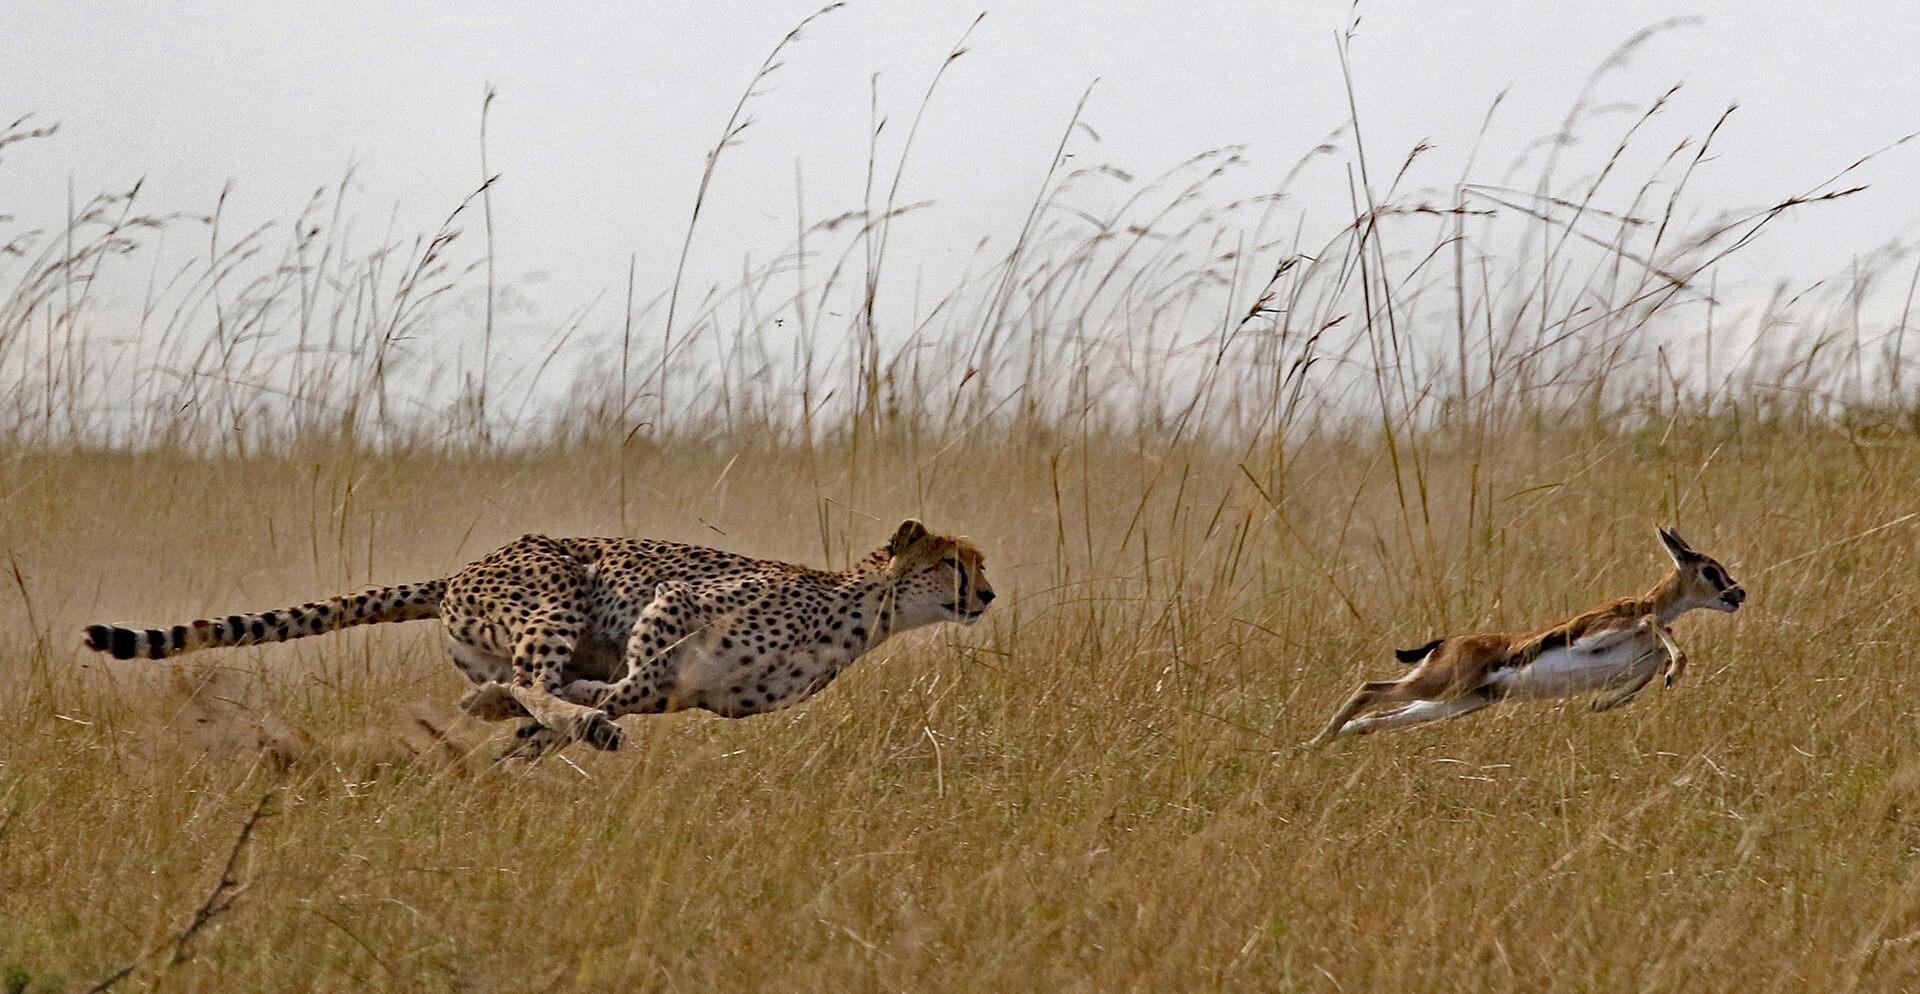 Wolfgang Kaeding Cheetah hunting Gazelle